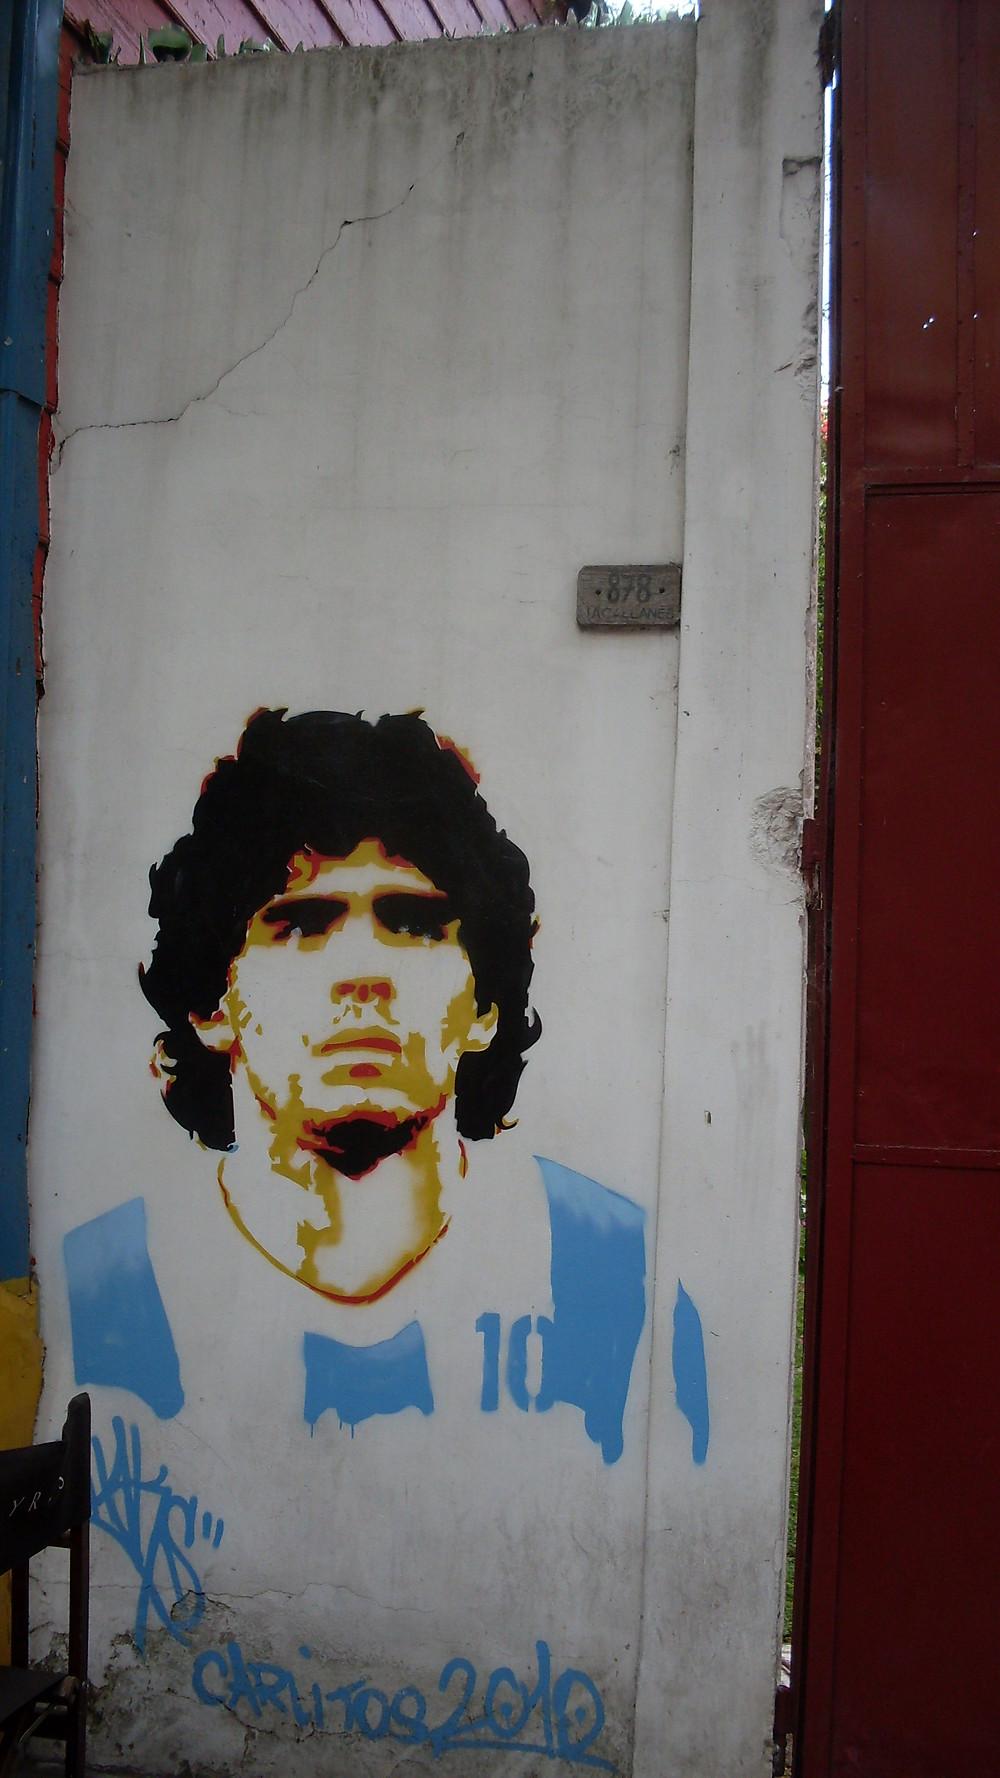 Maradona Wall Art Graffiti